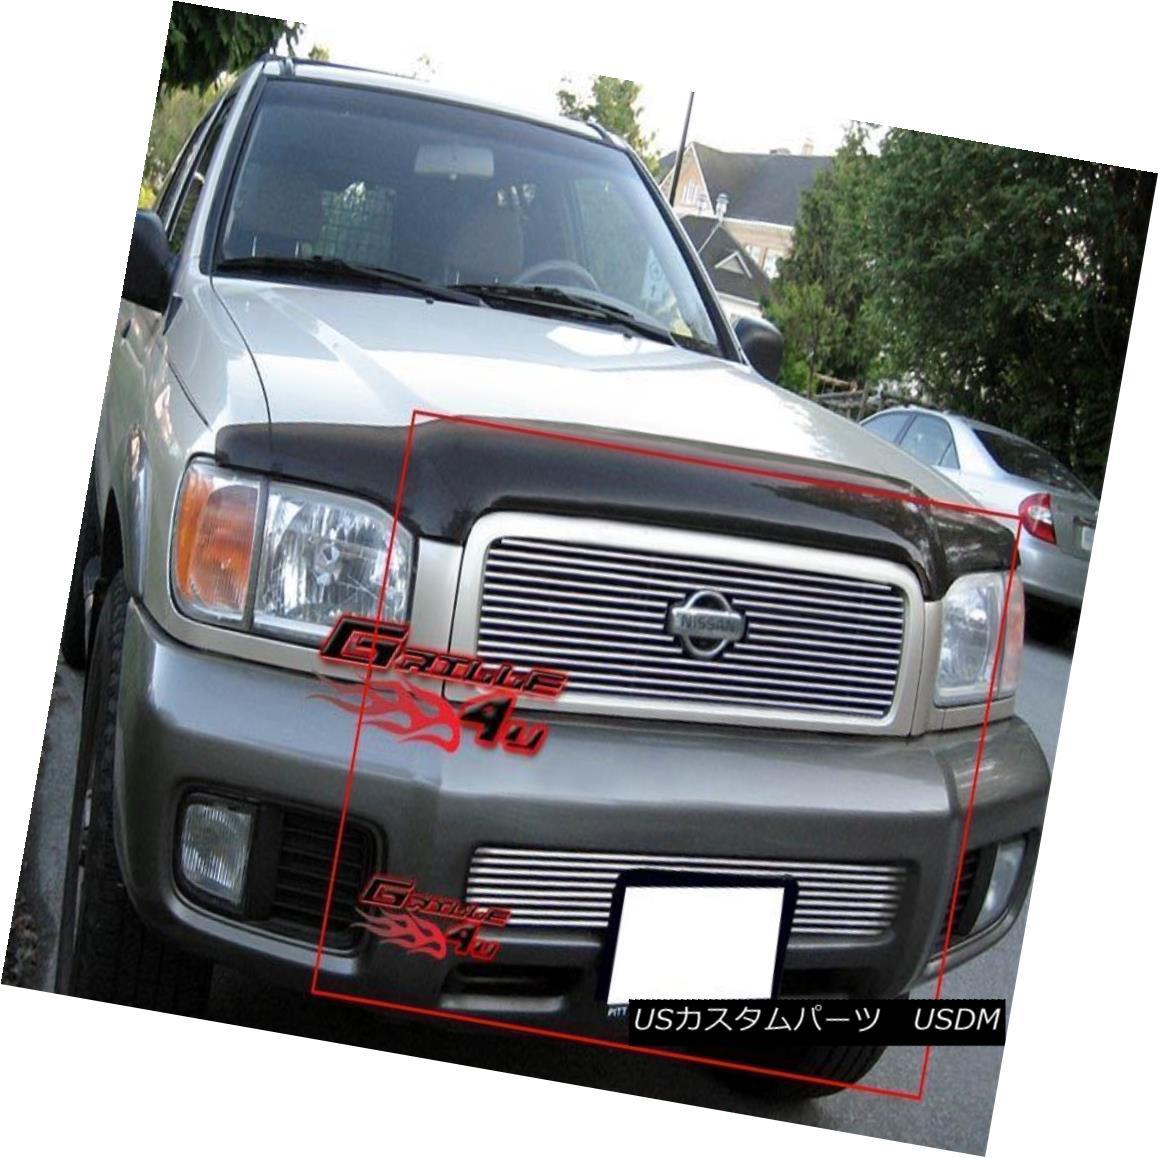 グリル Fits 00-01 Nissan Pathfinder Billet Grille Combo Upper+Lower フィット00-01日産パスファインダービレットグリルコンボアッパー+ロワー